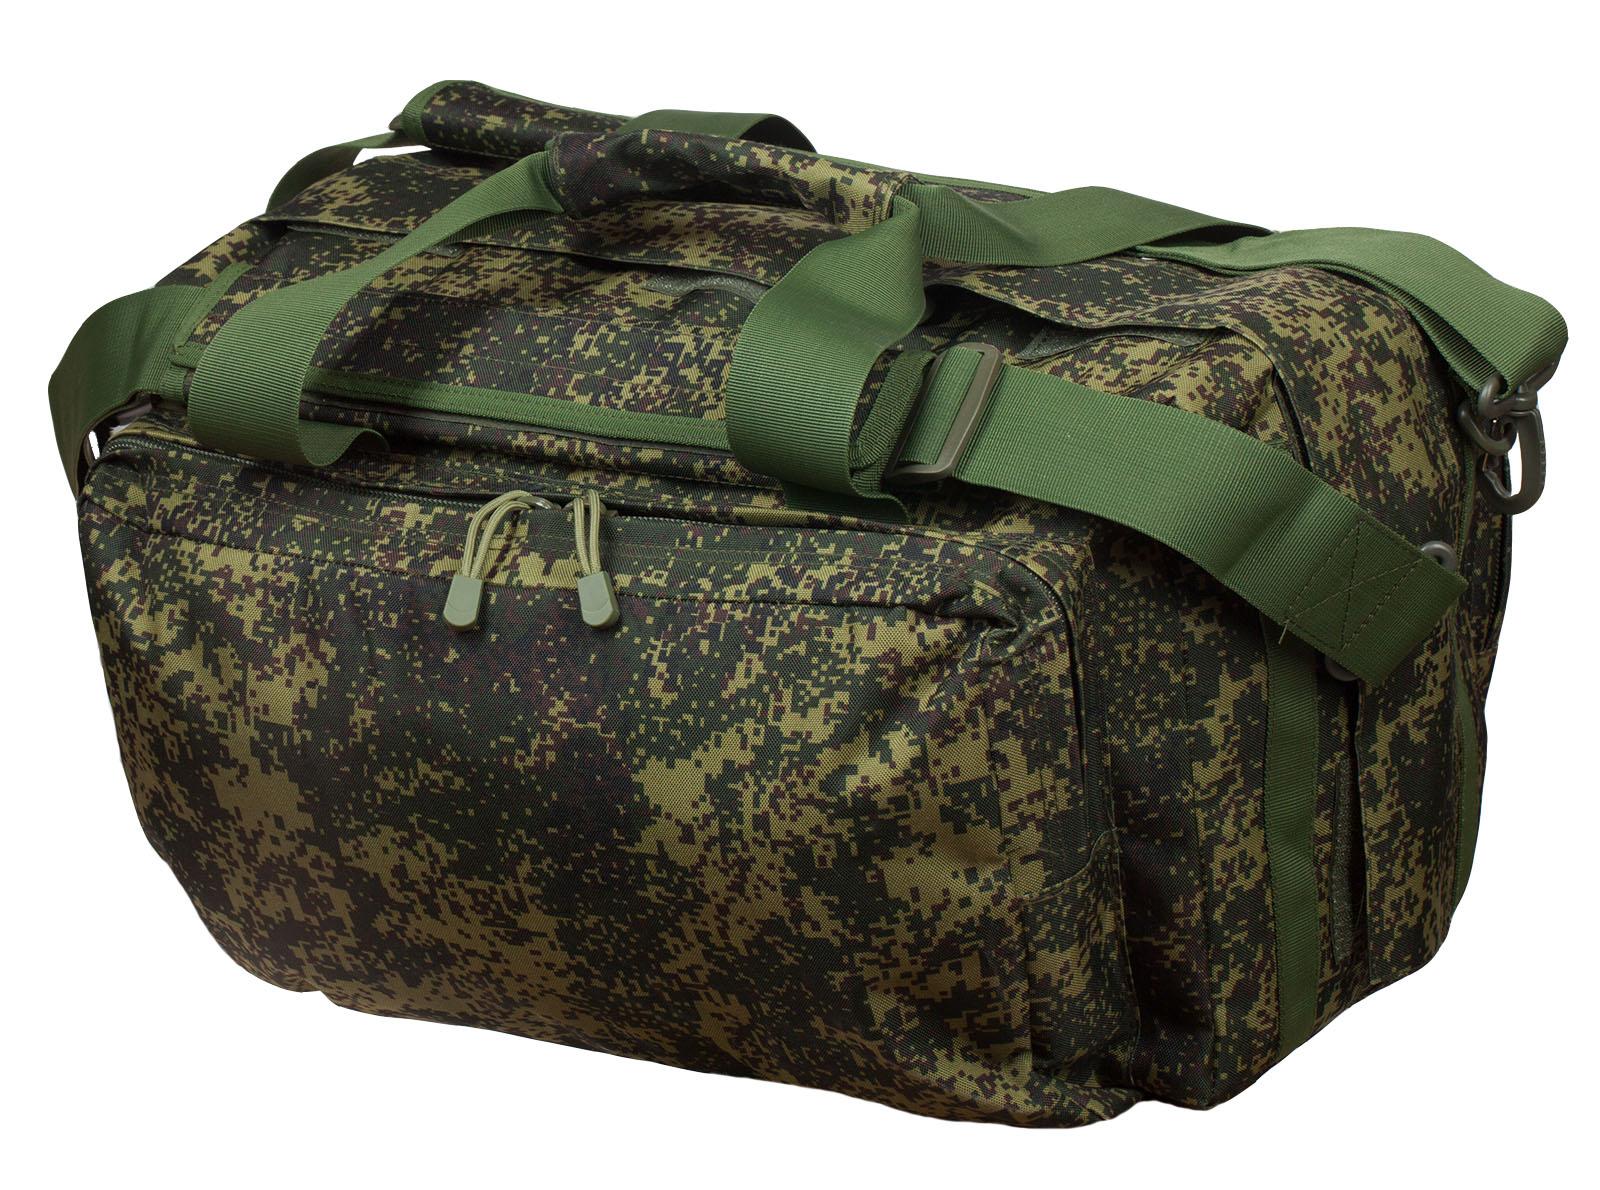 Армейская полевая сумка с эмблемой Рыболовного спецназа заказать с доставкой или самовывозом